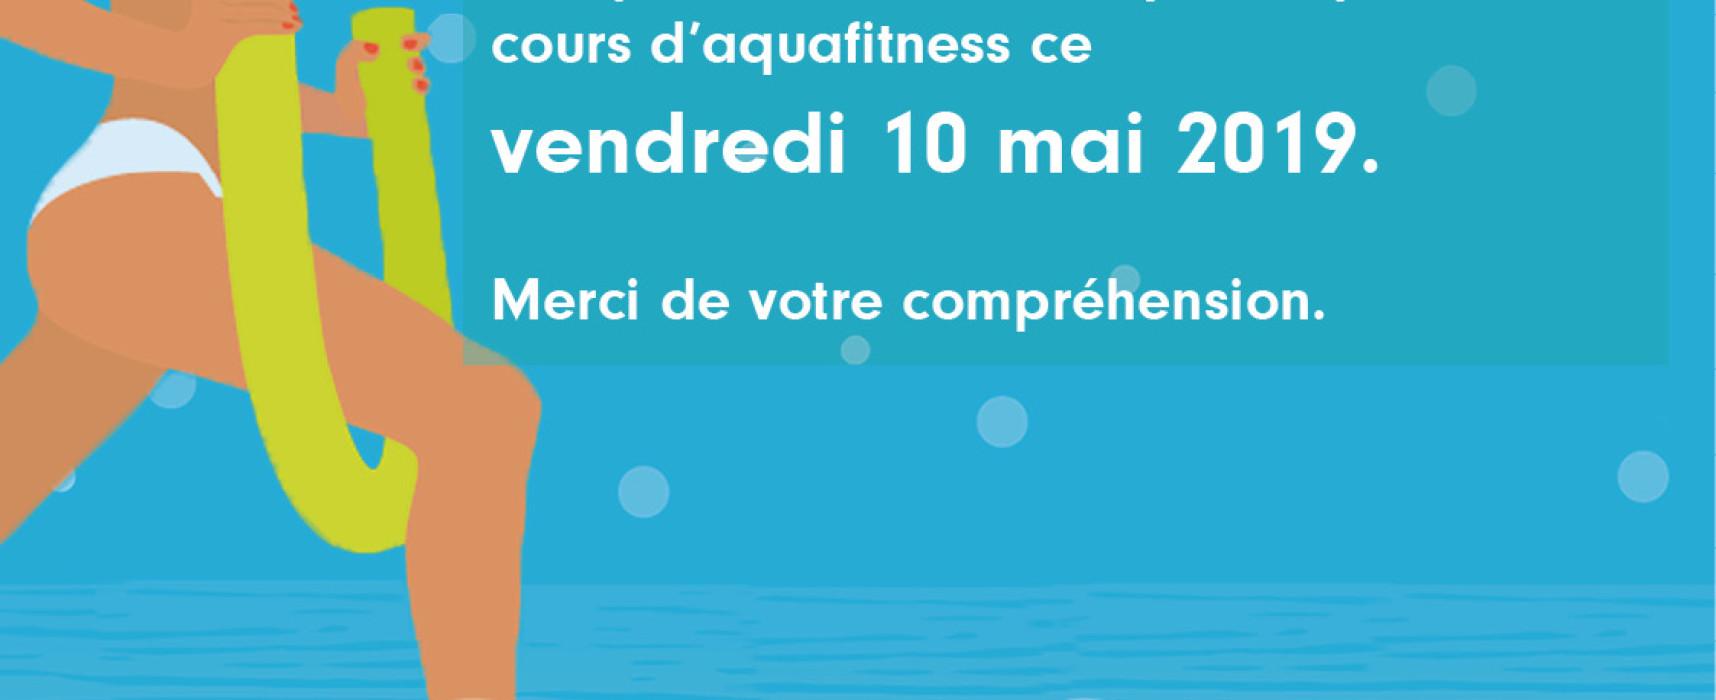 AQUASUD, pas de cours d'Aquafitness ce soir